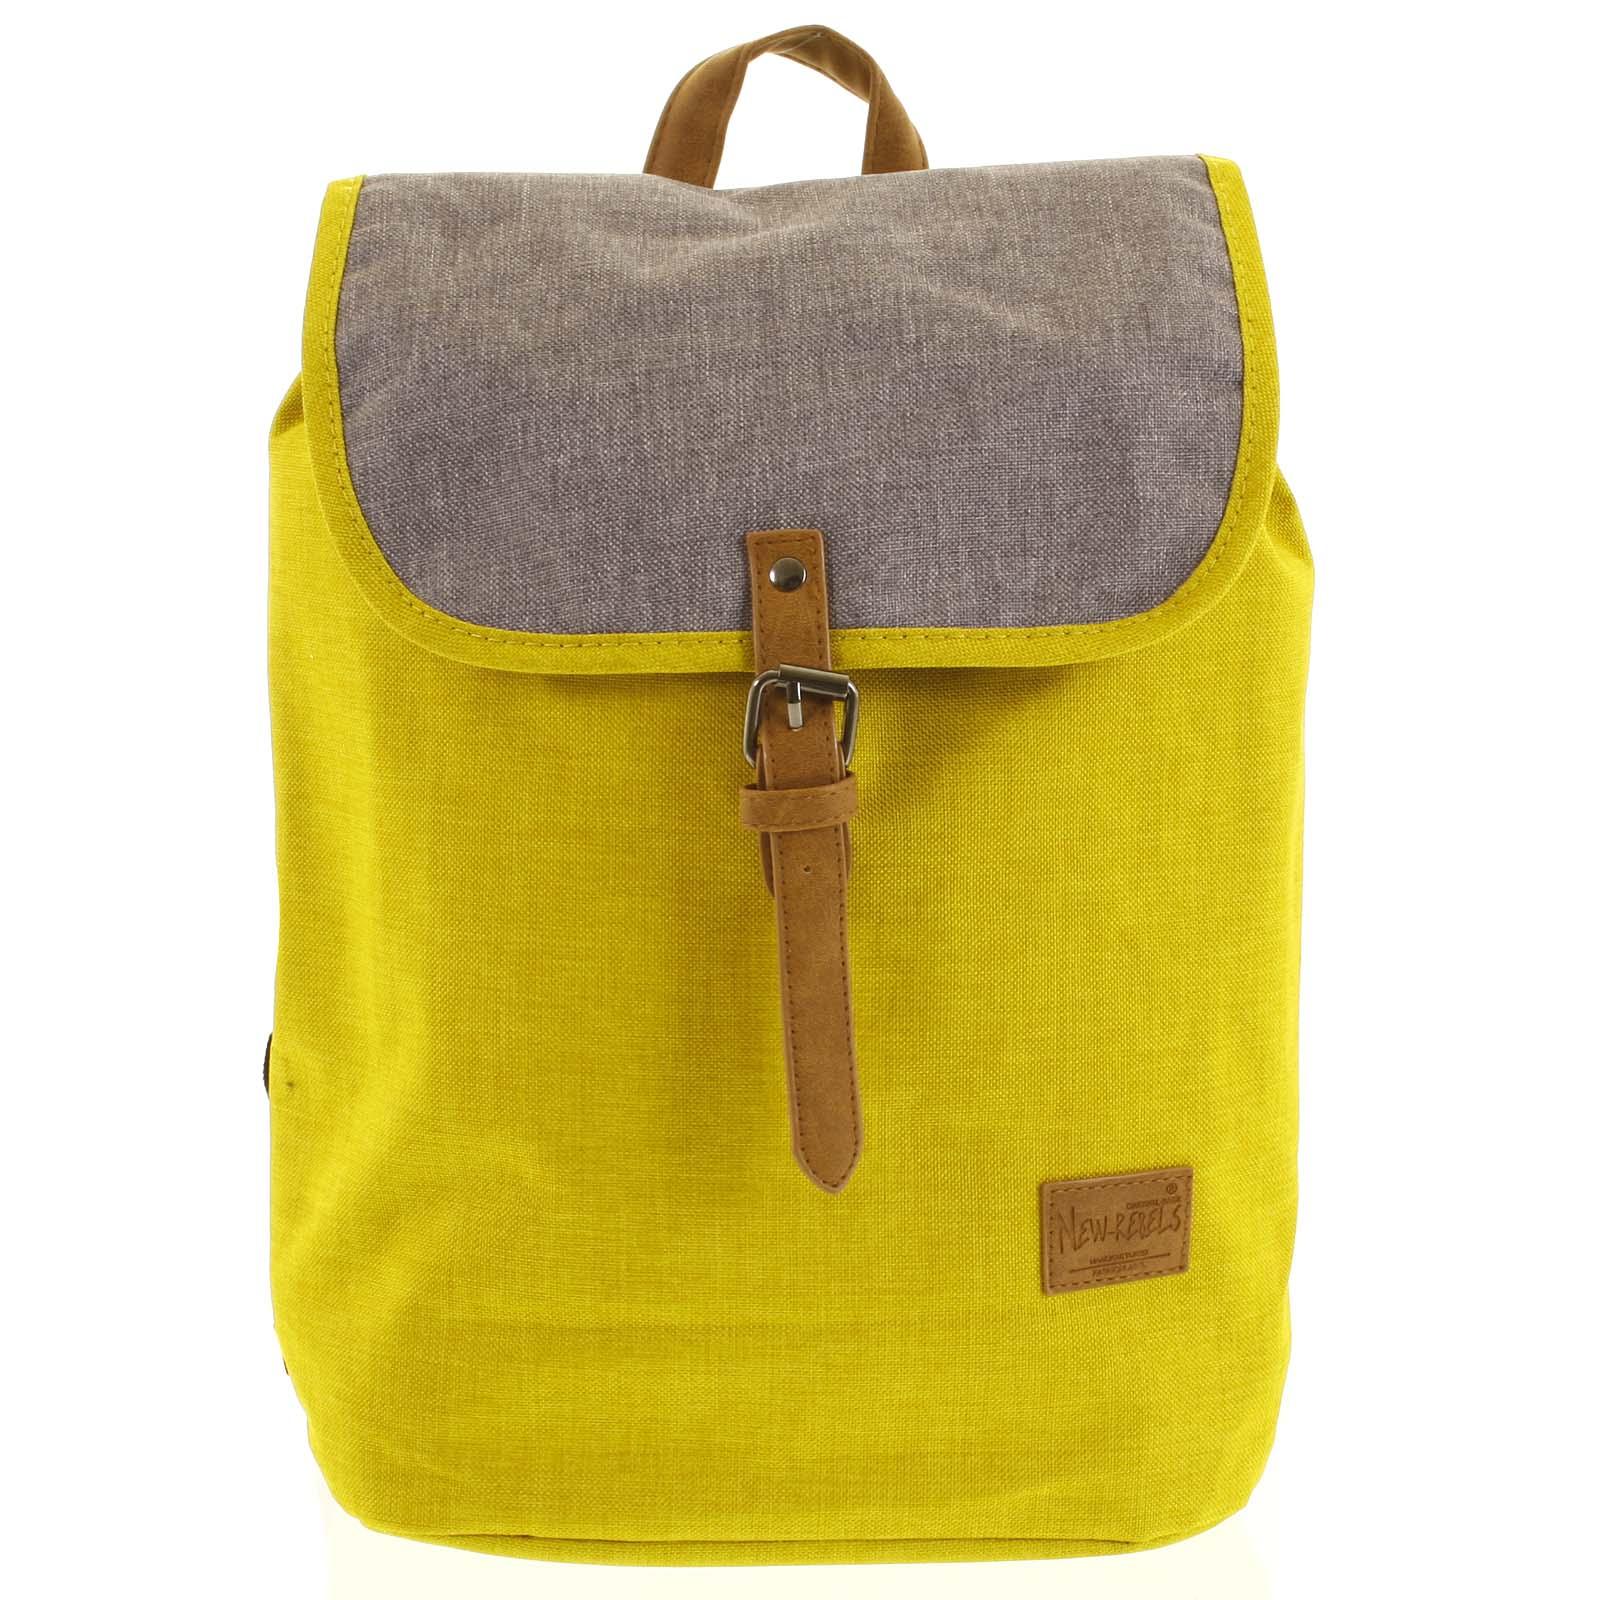 Elegantný látkový žlto sivý batoh - New Rebels Morpheus